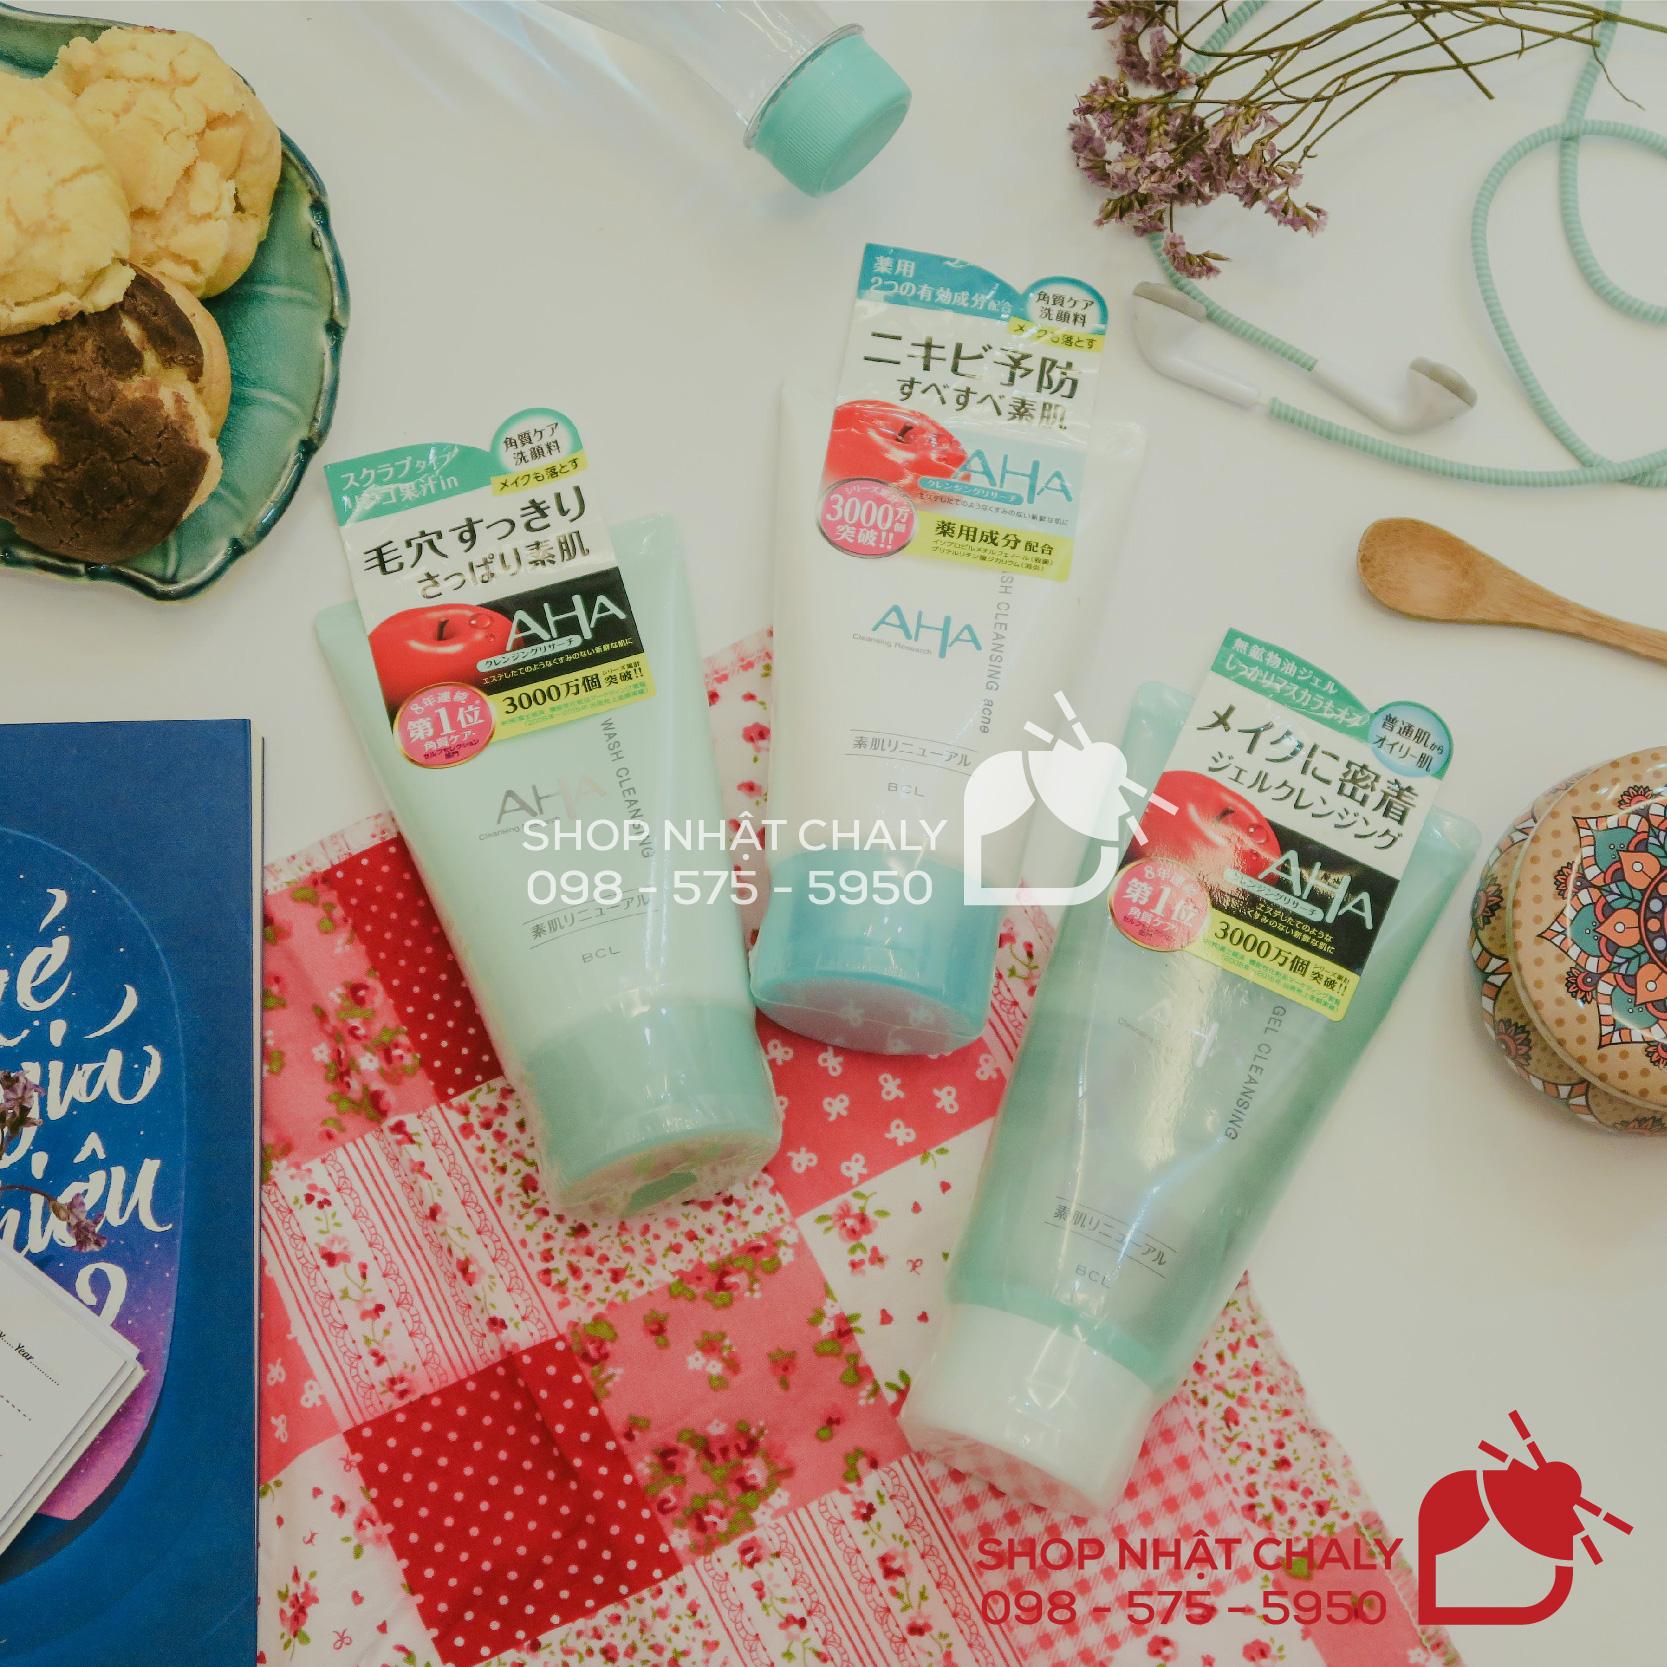 Top 3 sản phẩm được yêu thích nhất của mỹ phẩm AHA của Nhật: sữa rửa mặt AHA Wash Cleansing và tẩy trang AHA gel cleansing